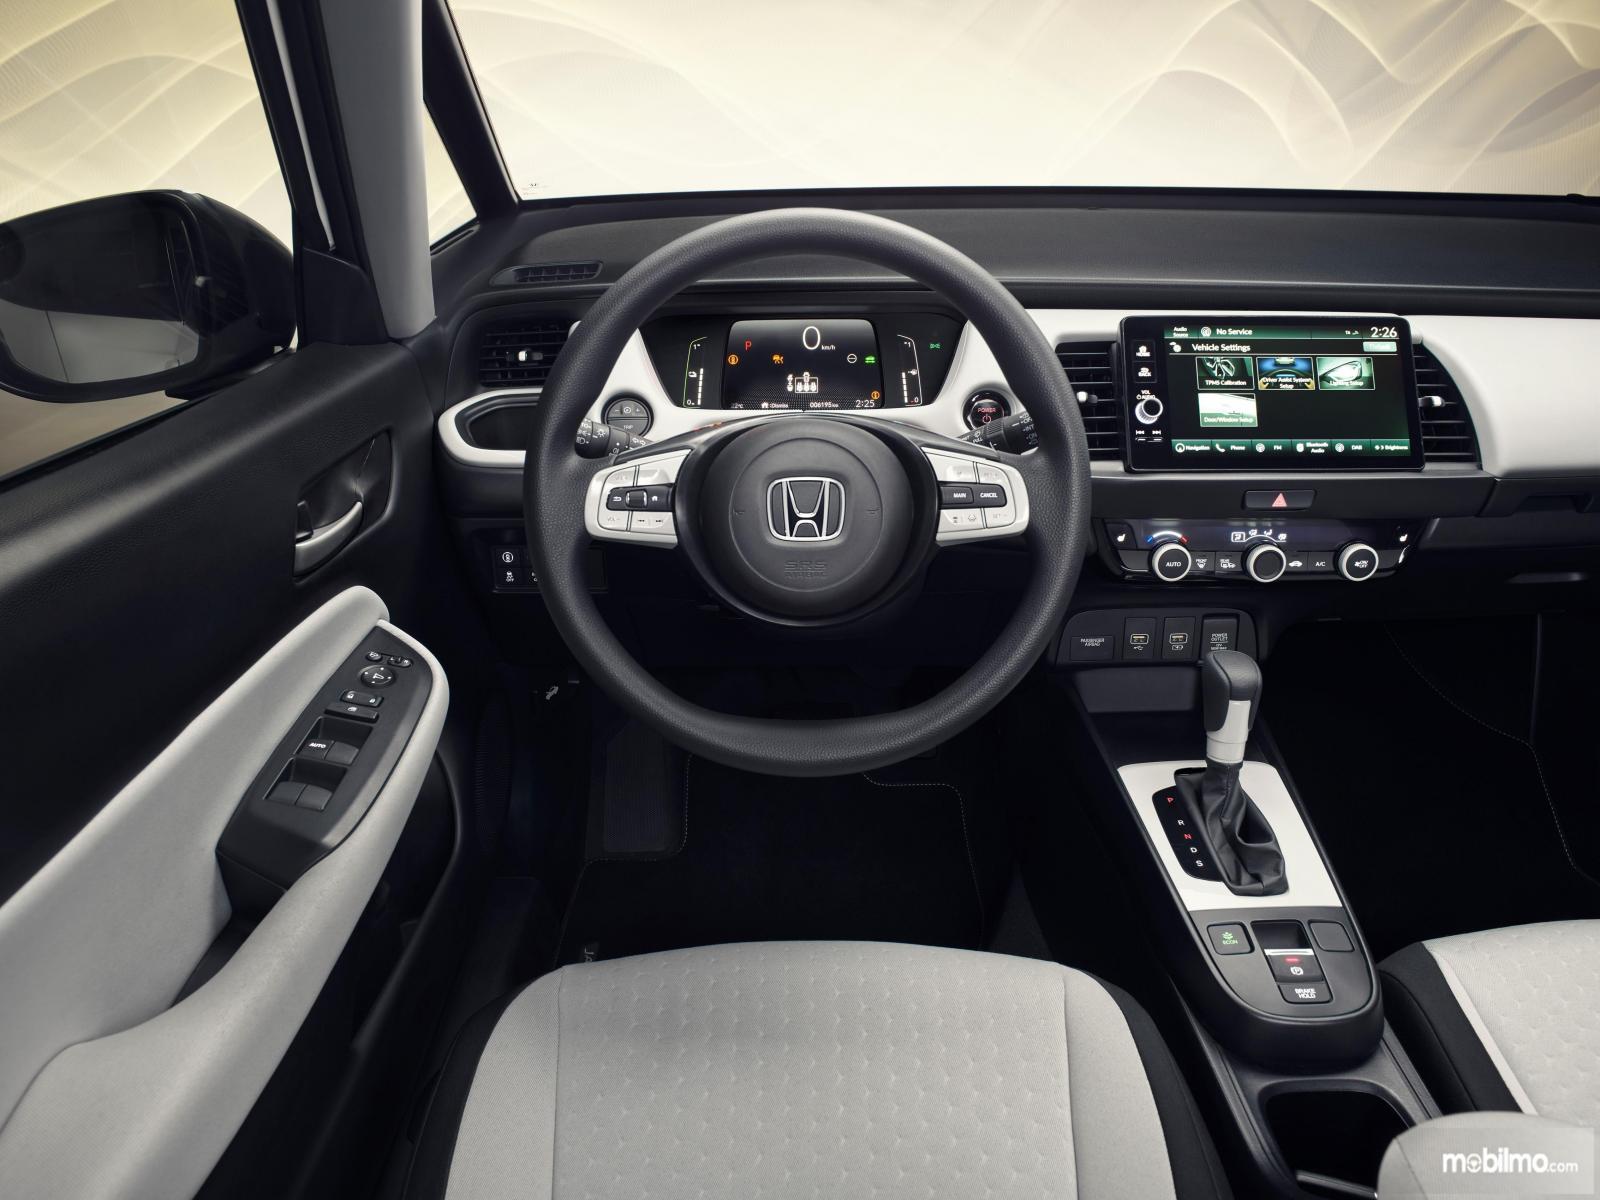 Gambar menunjukkan layout dasbor All New Honda Jazz 2020